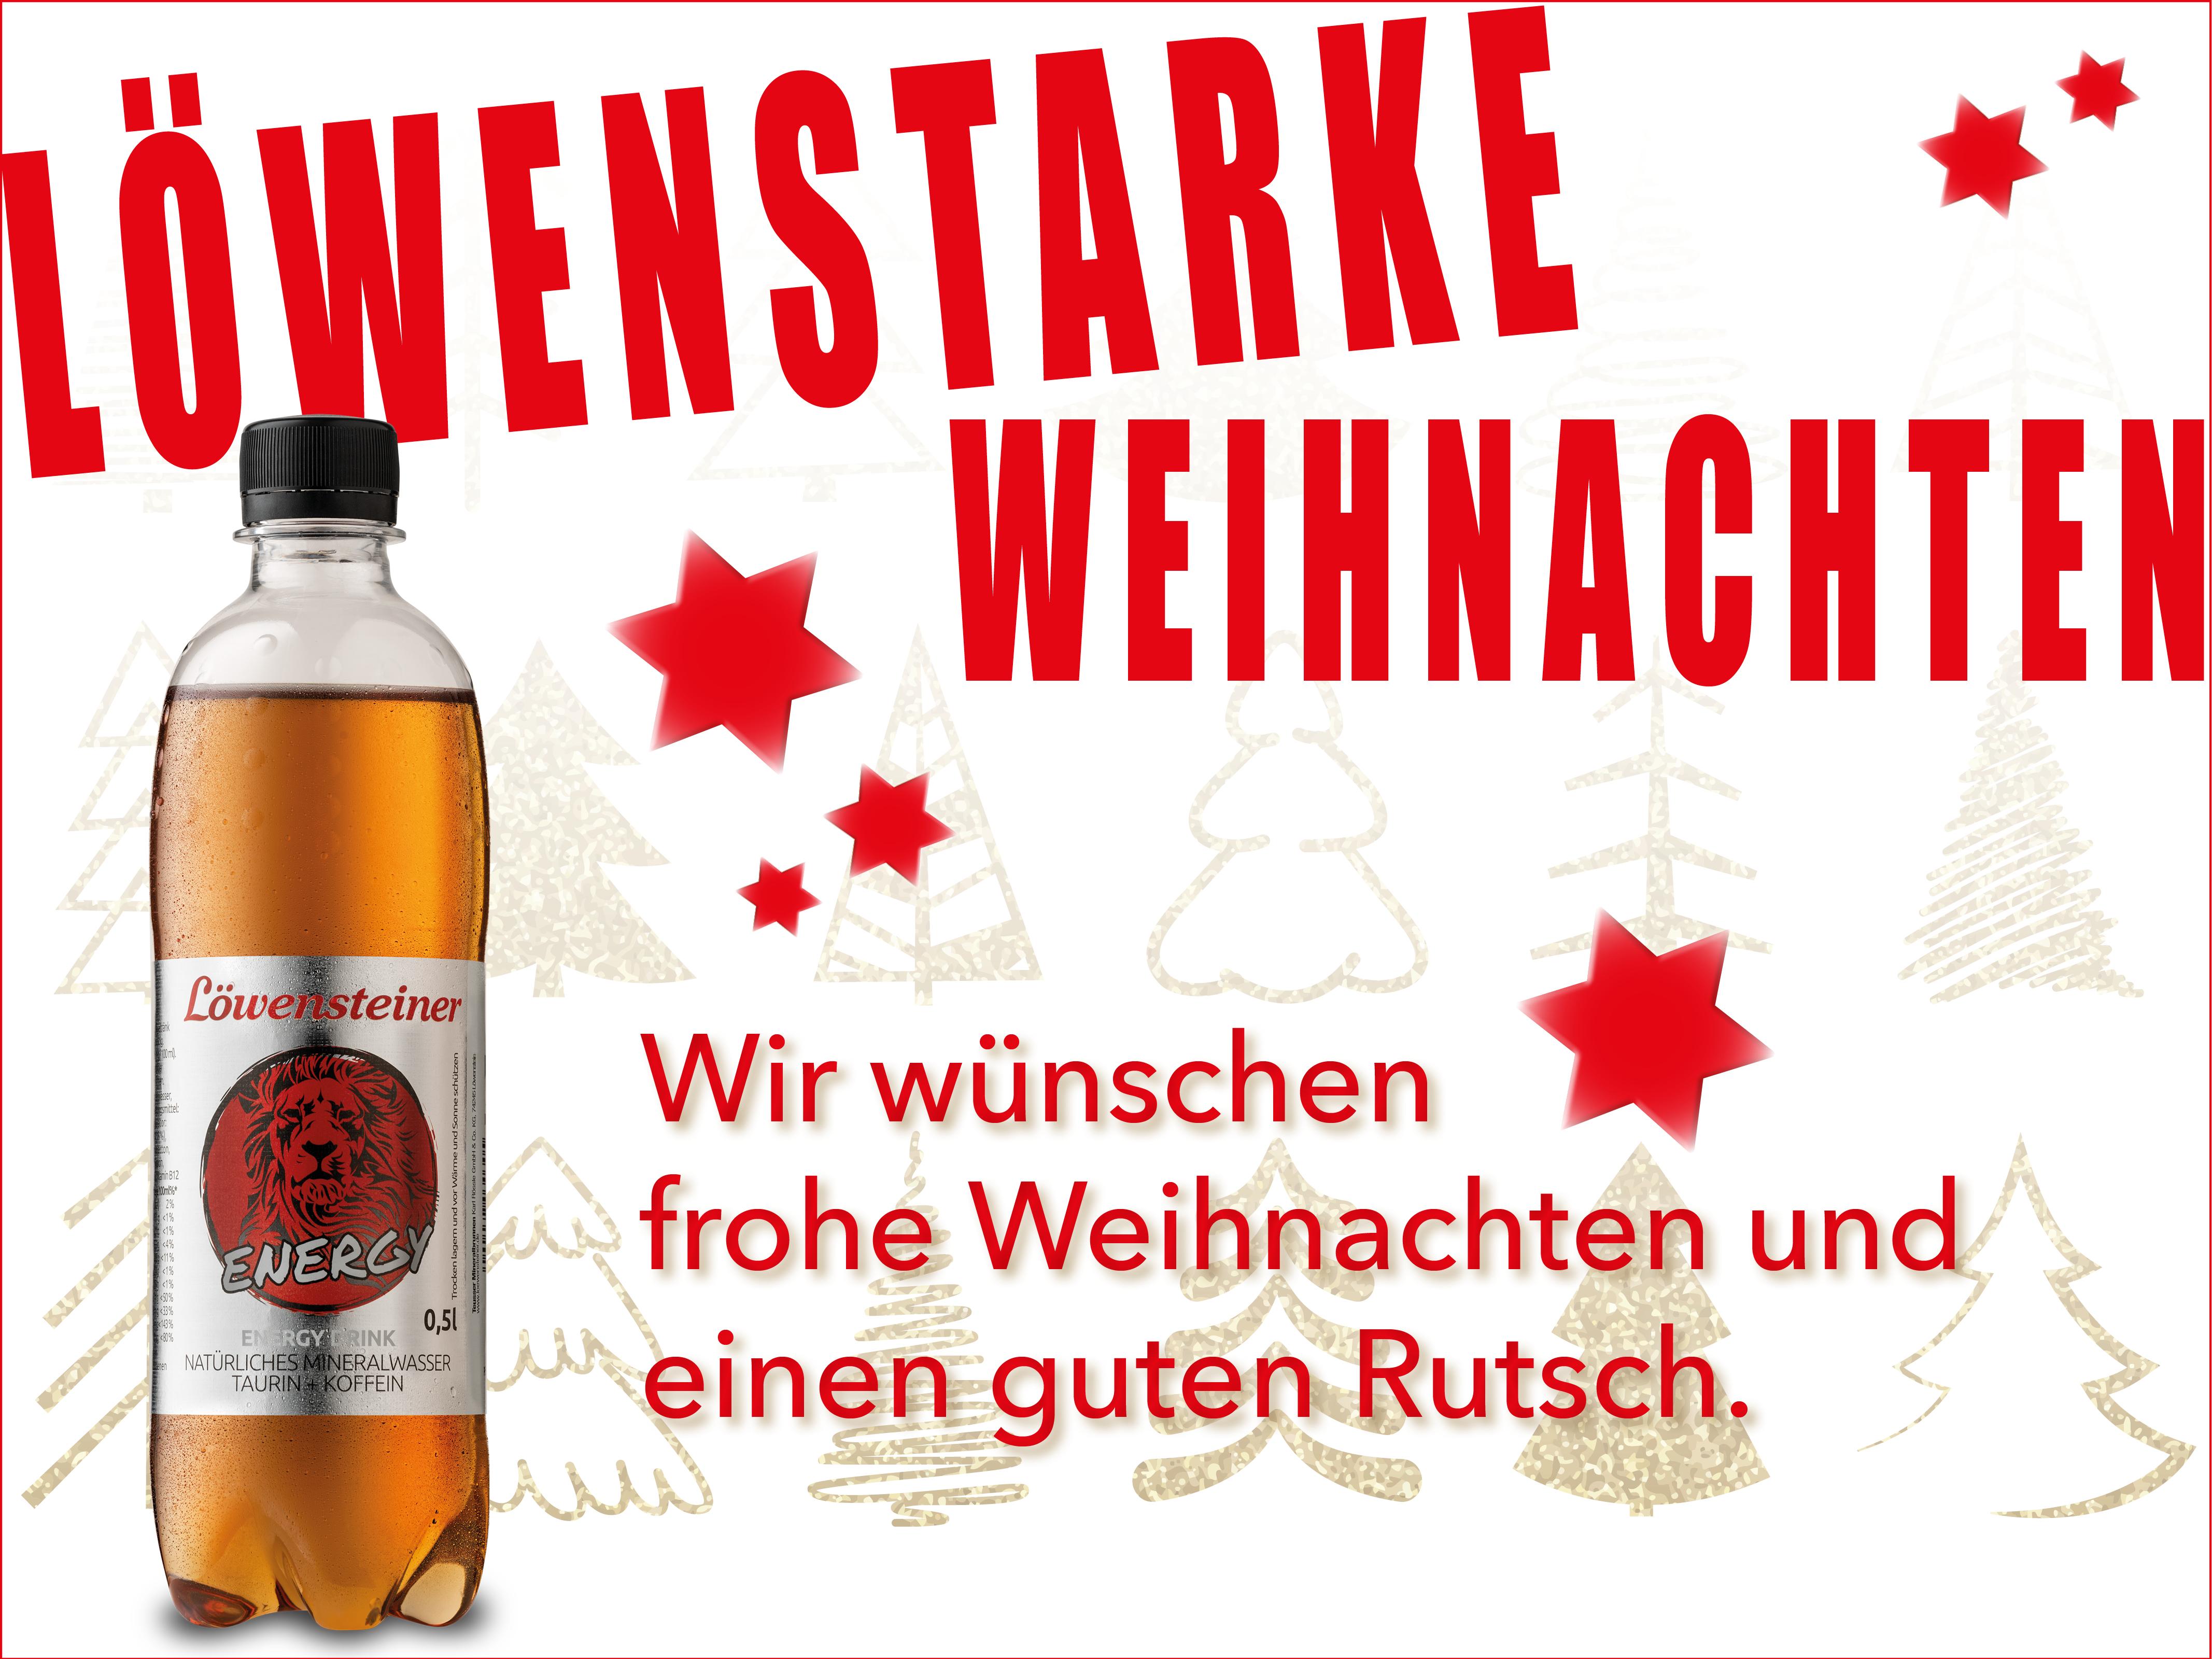 Löwenstarke Weihnachten und einen guten Rutsch ins neue Jahr 2019!